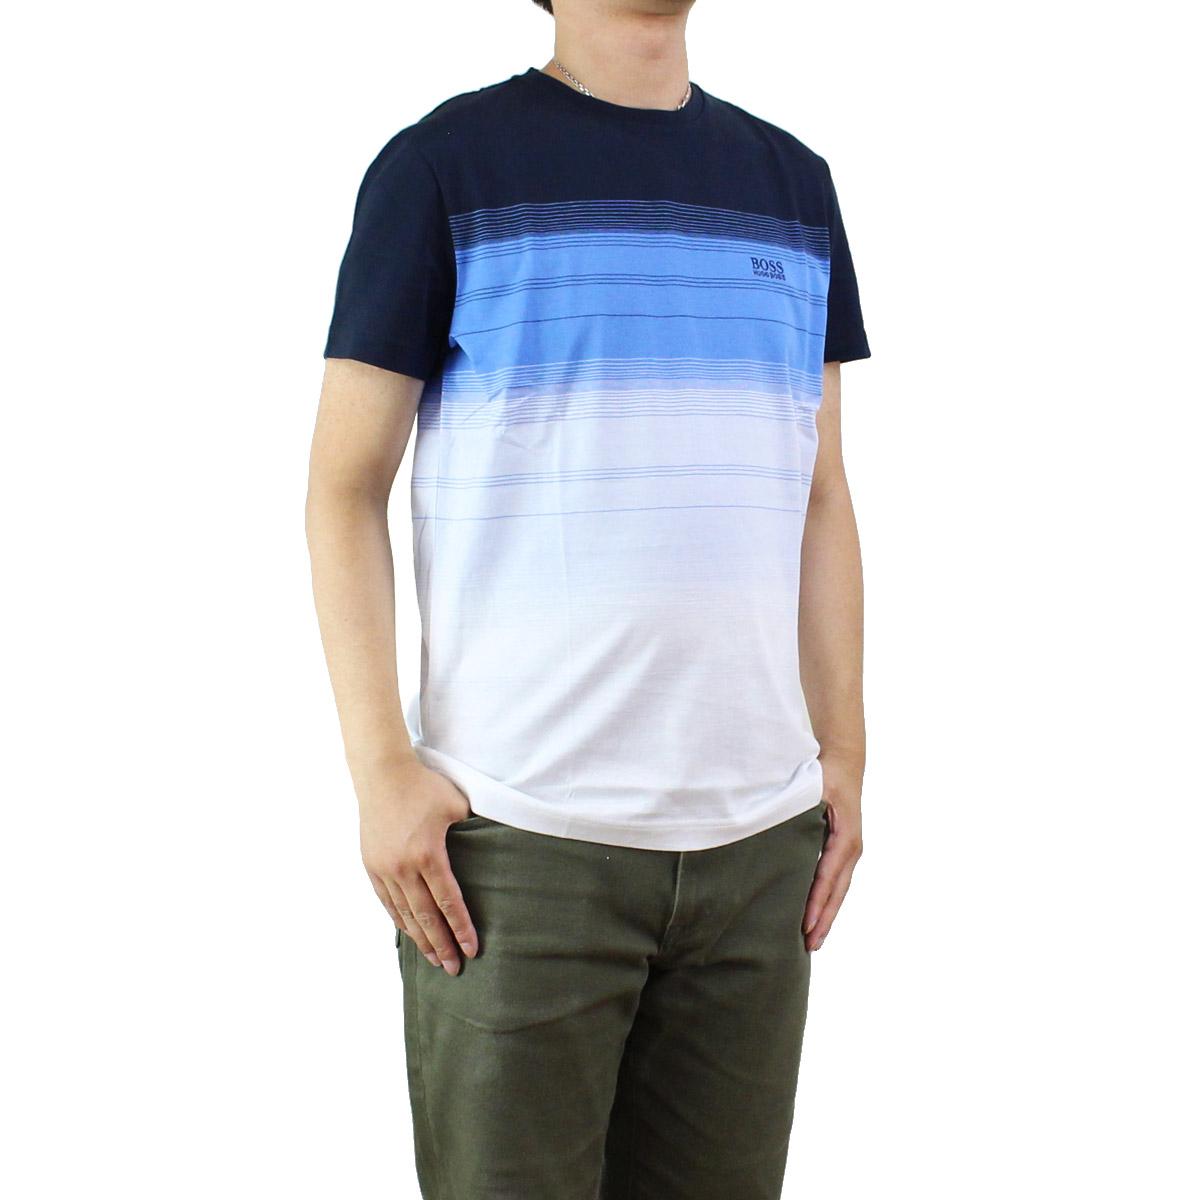 83357b73 Bighit The total brand wholesale: Hugo boss (HUGO BOSS) men's short-sleeved  gradation T-shirt 50330998 10196211 410 blue system | Rakuten Global Market